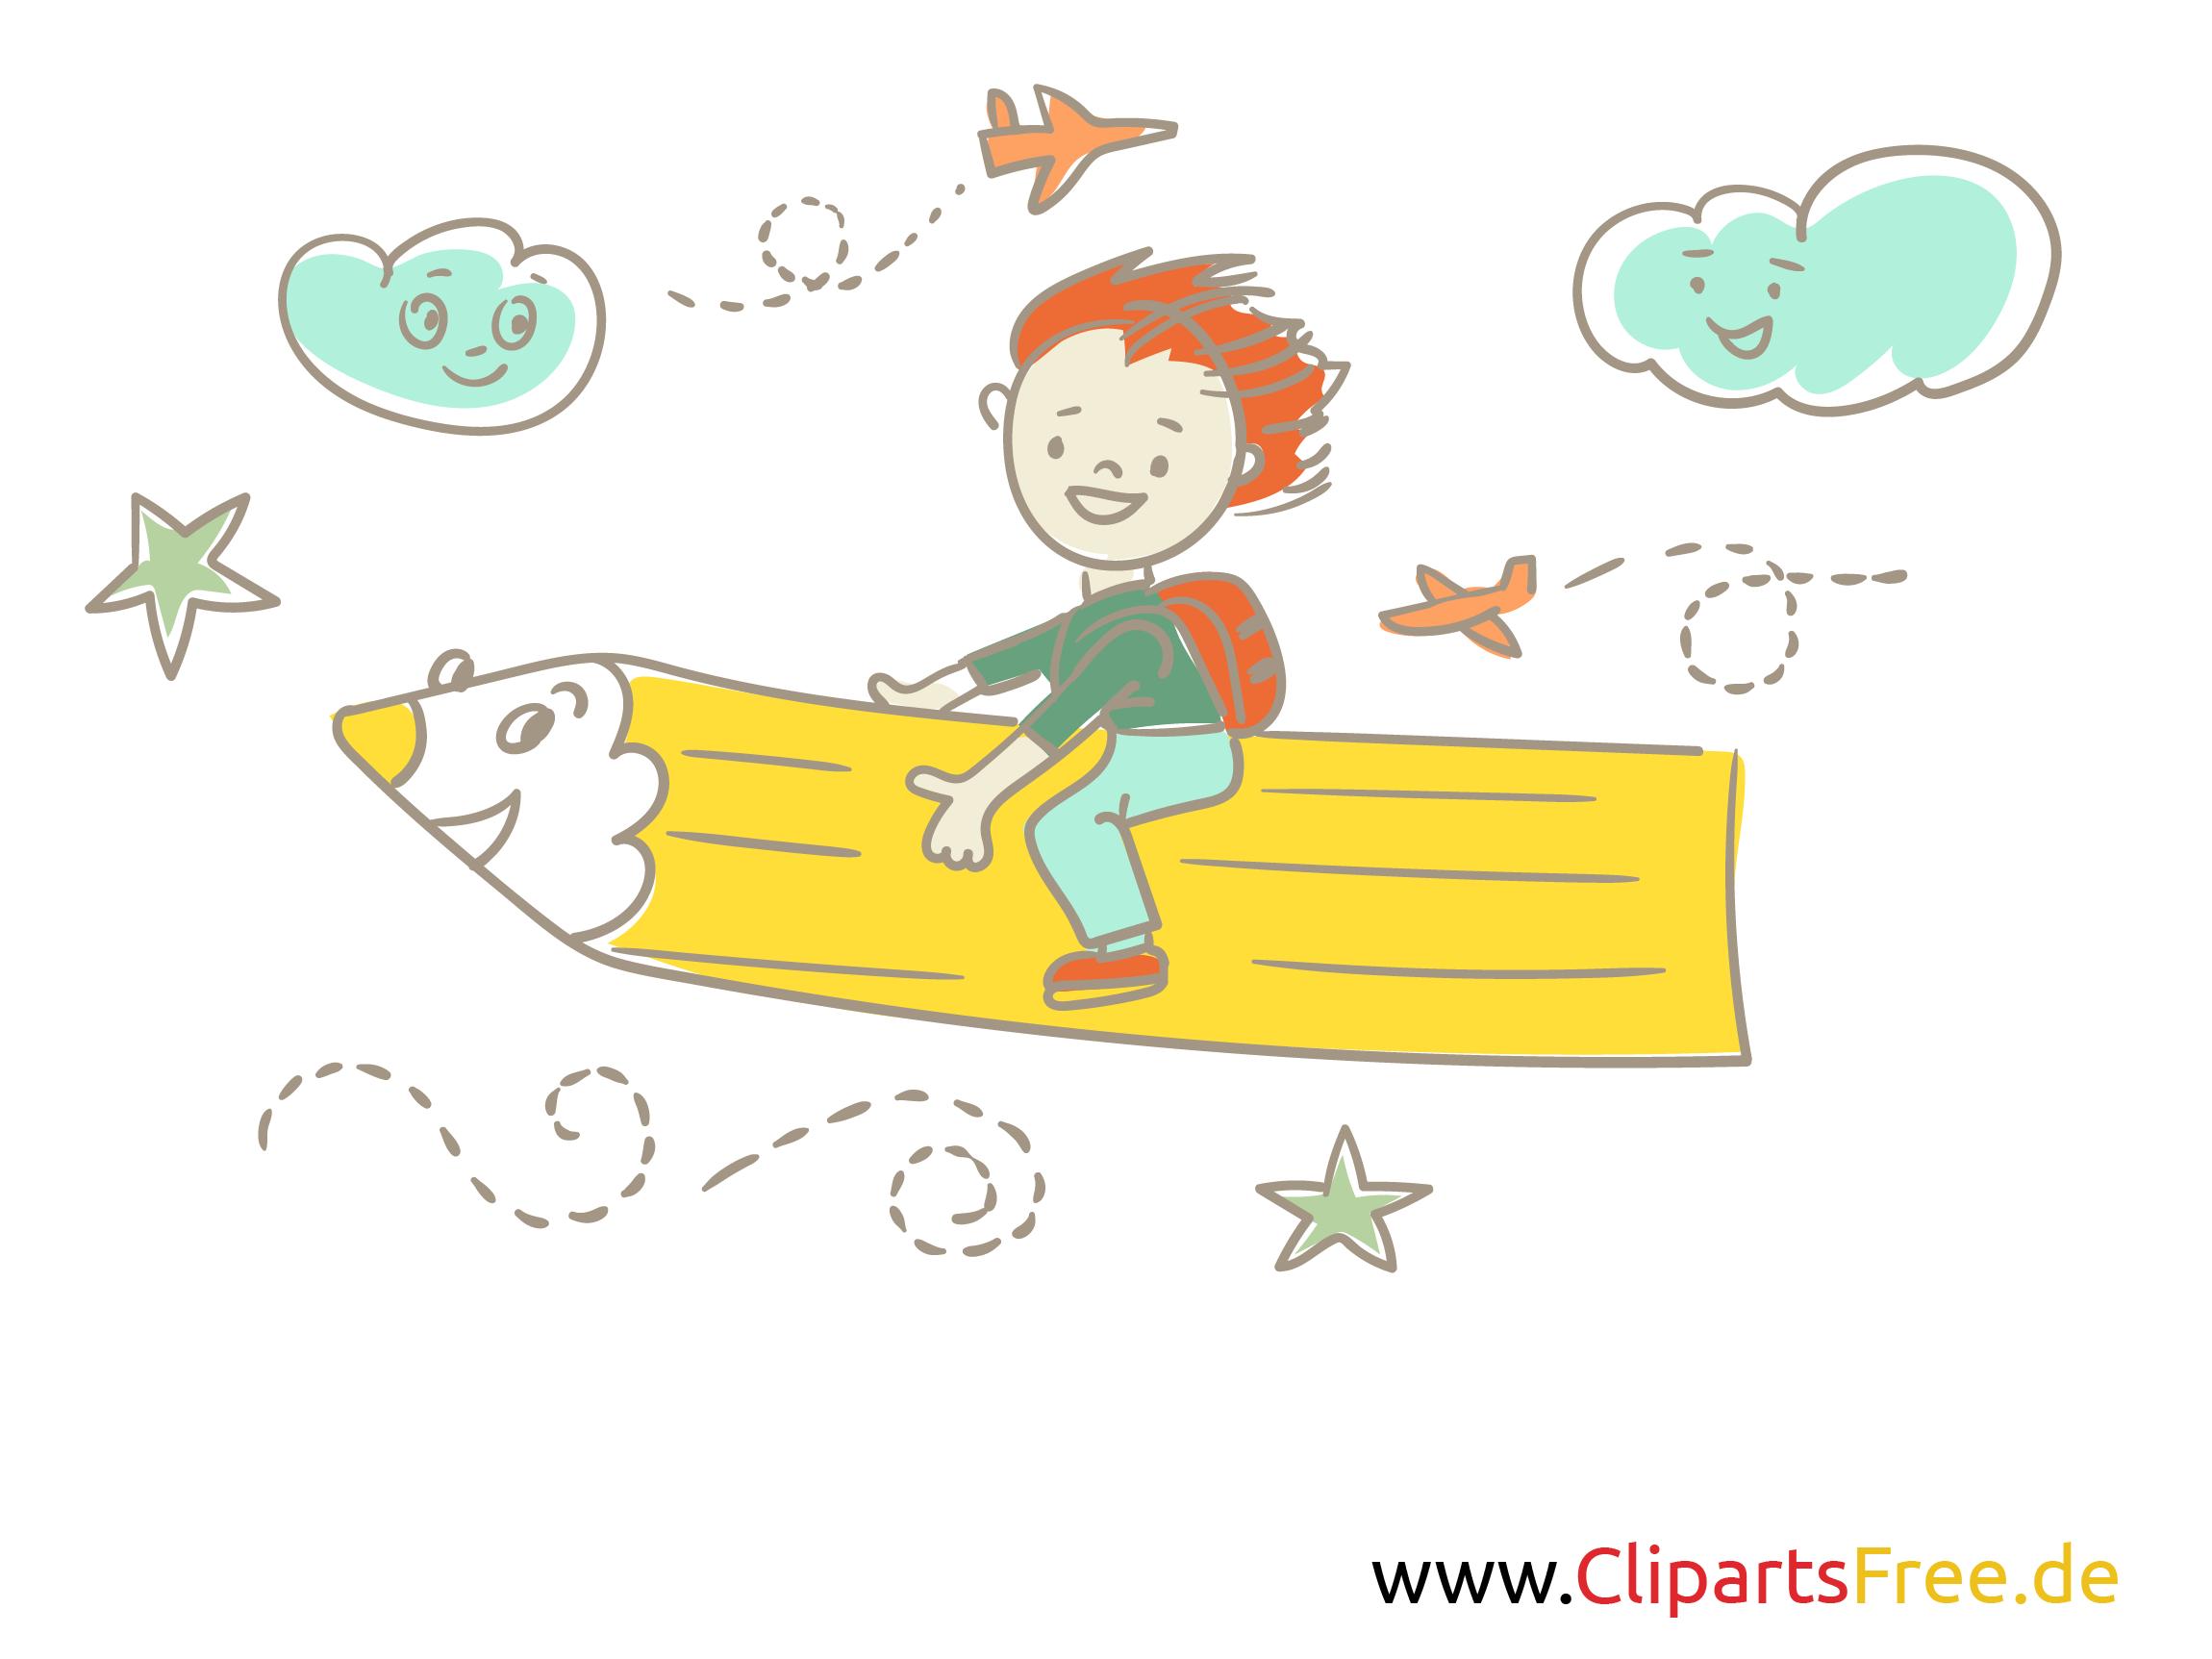 Freie Bilder für Schule und Kindergarten - Schüler fliegt auf dem gelben Buntstift